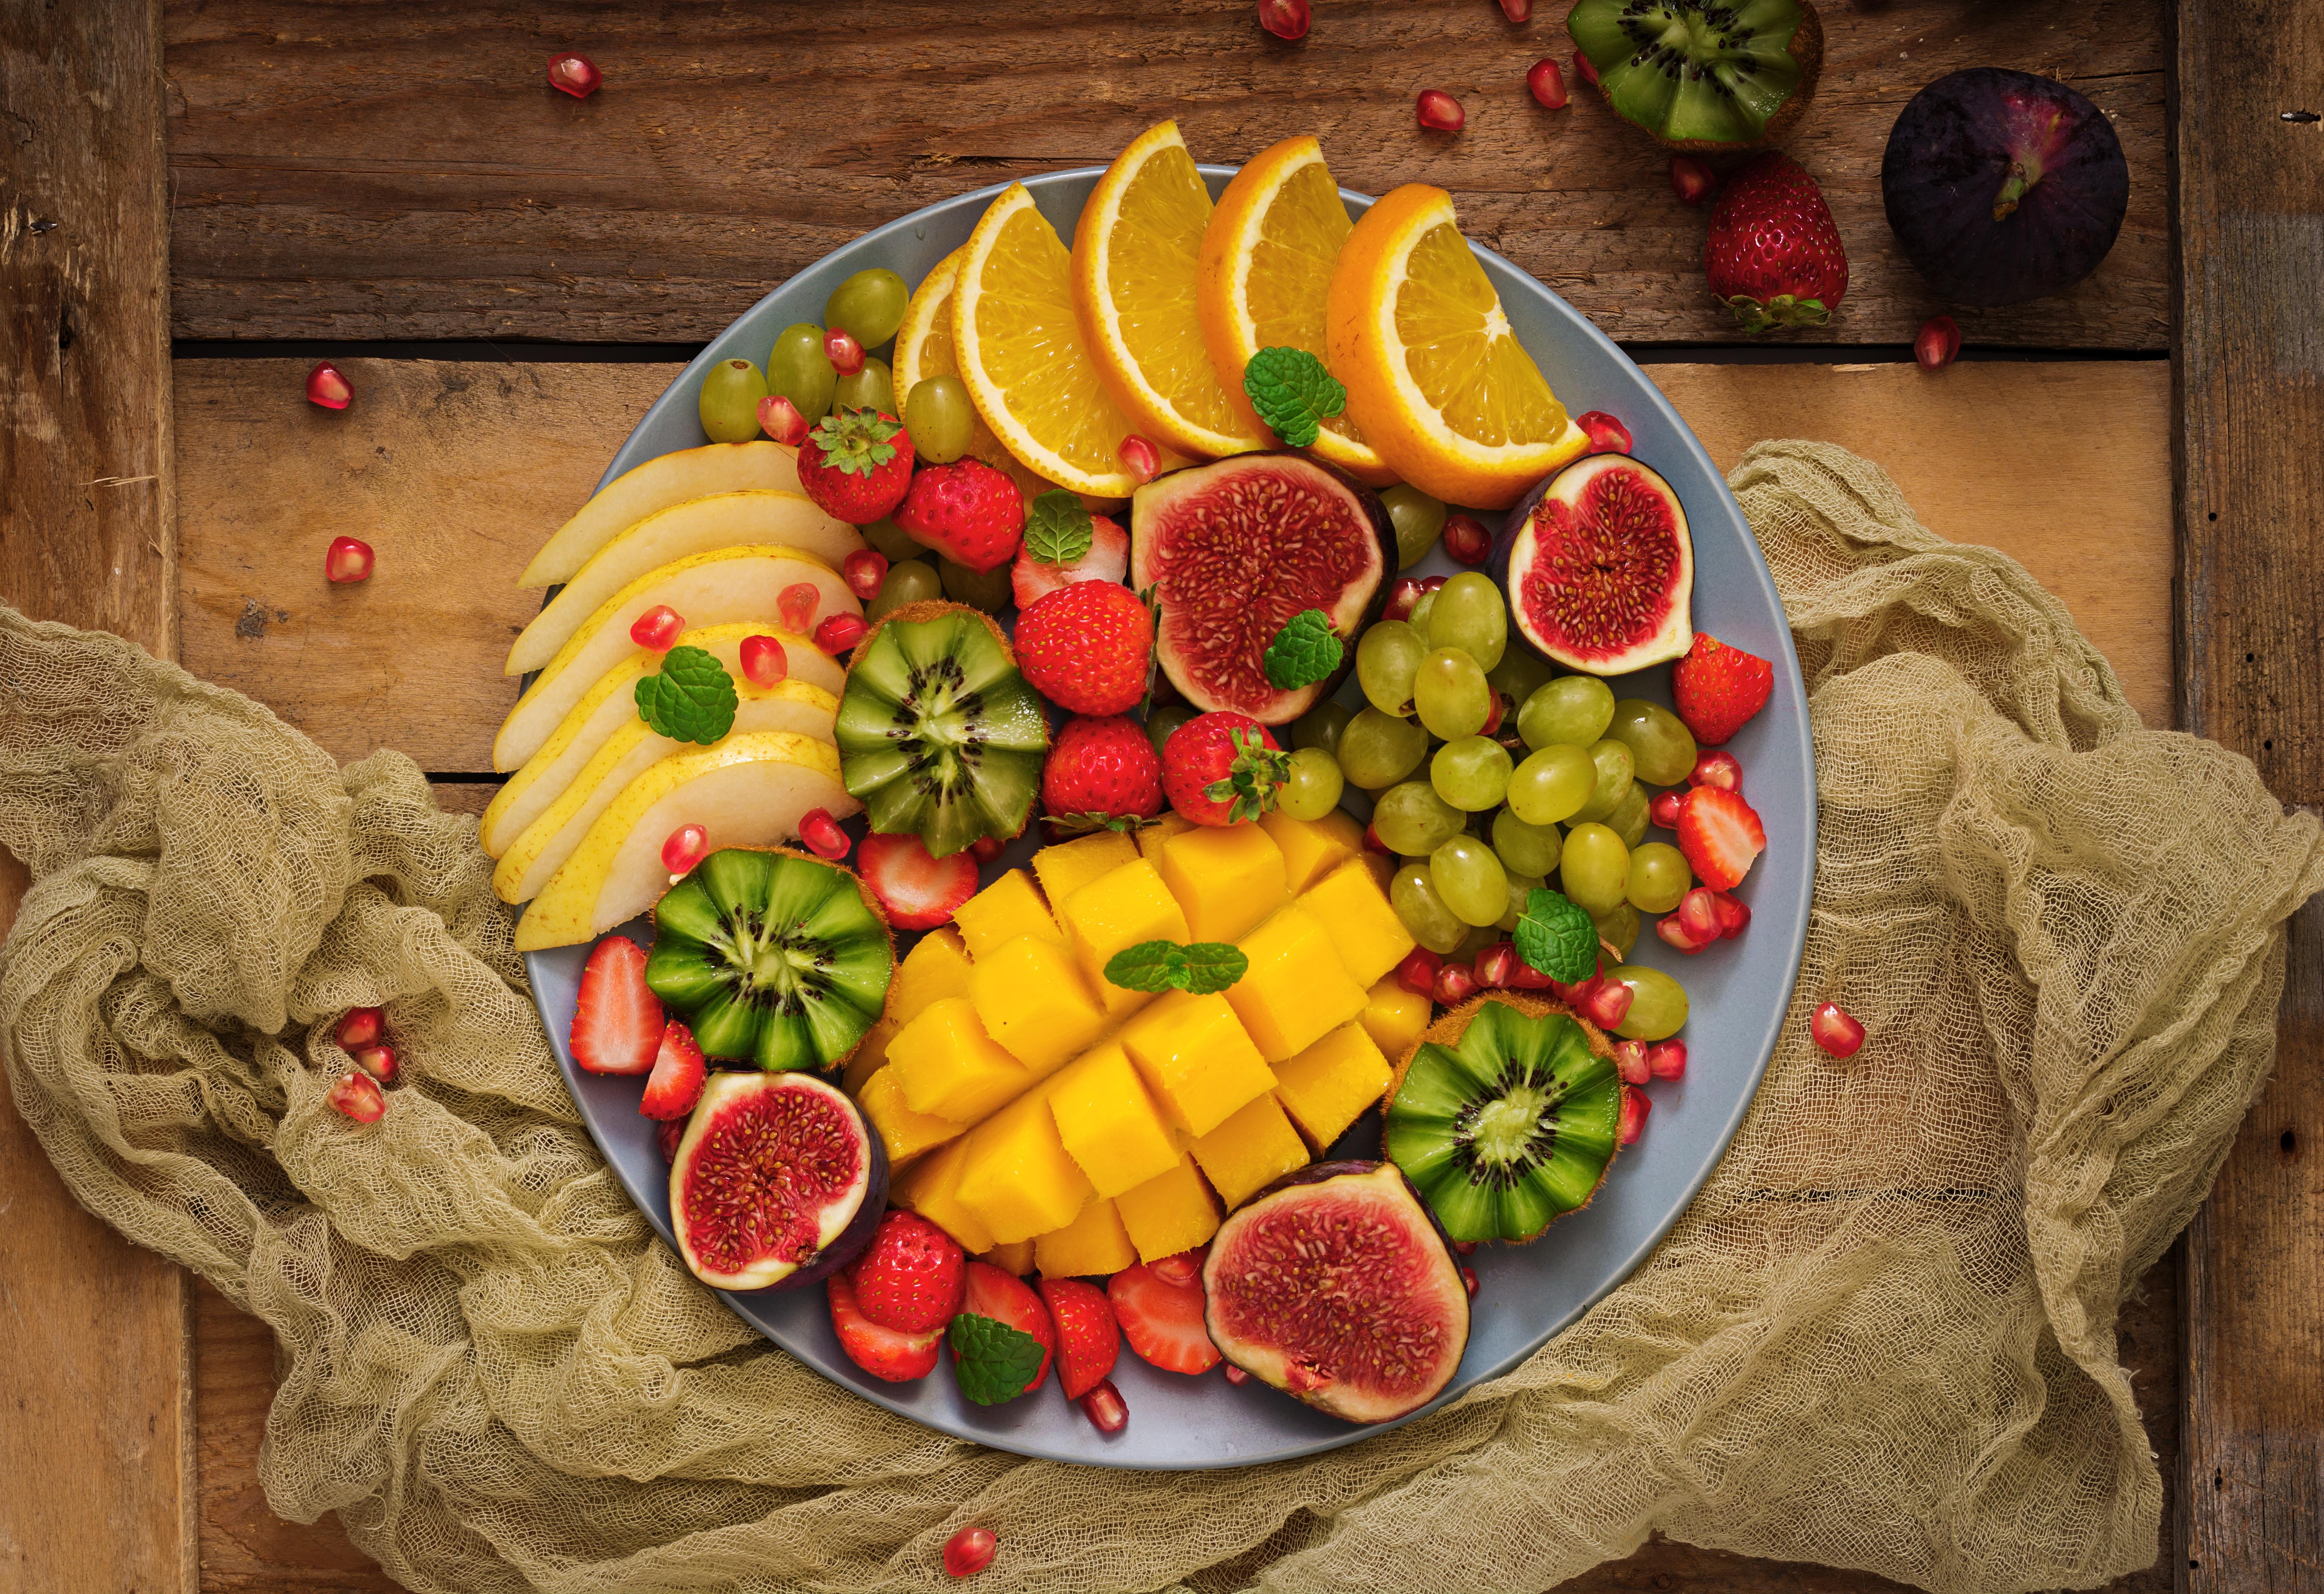 Картинки Инжир Манго Виноград Еда Фрукты 5817x3990 Пища Продукты питания